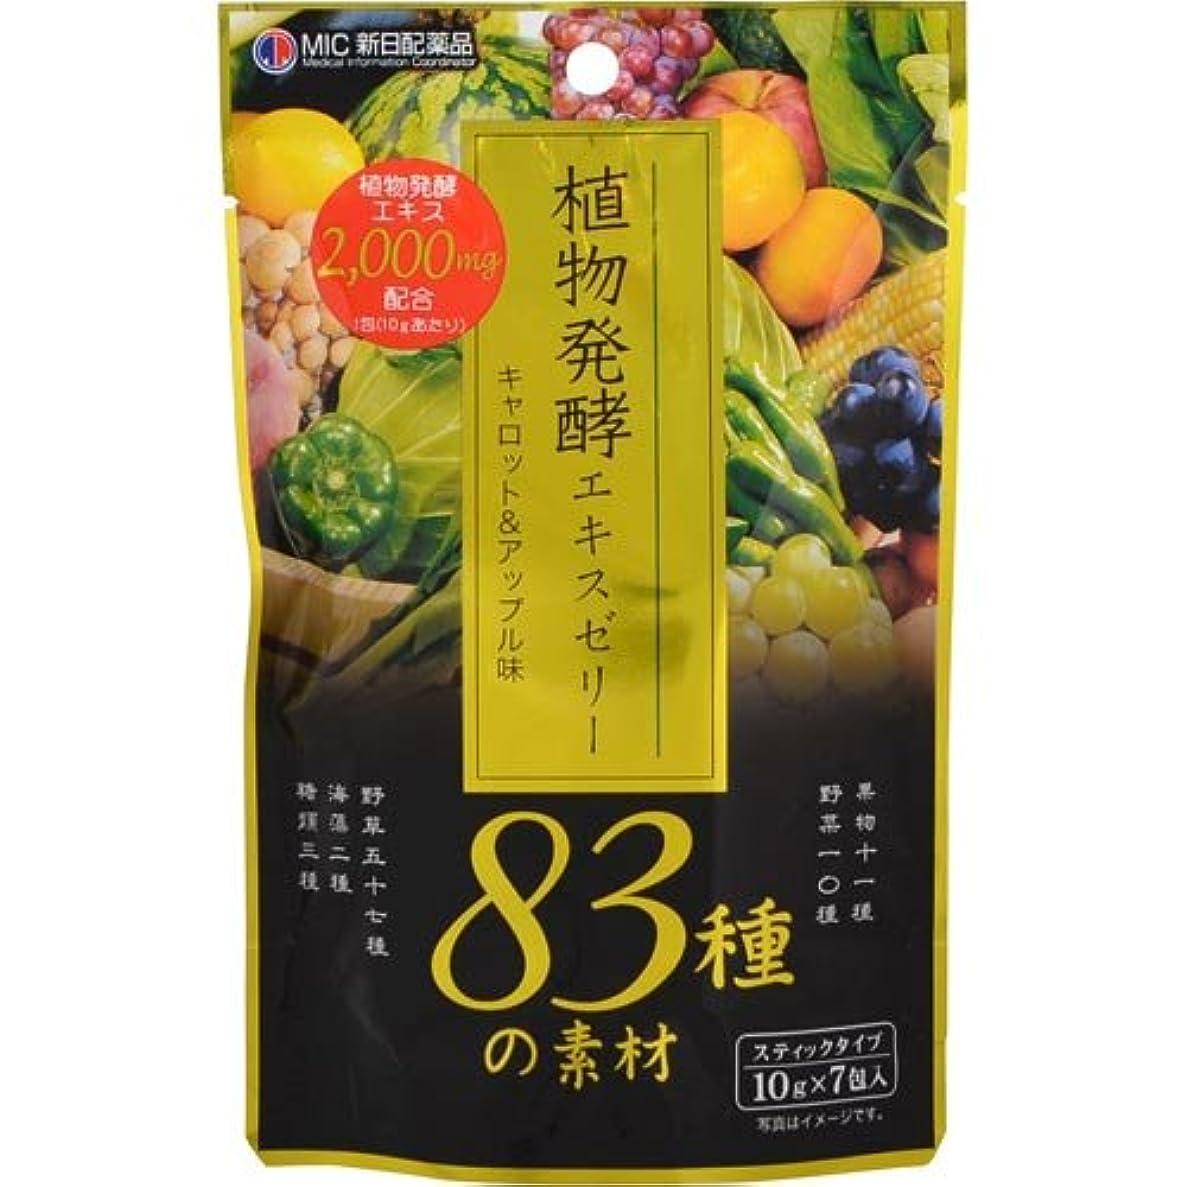 切手いわゆる膨らみ植物醗酵エキスゼリー キャロット&アップル味 10g×7包